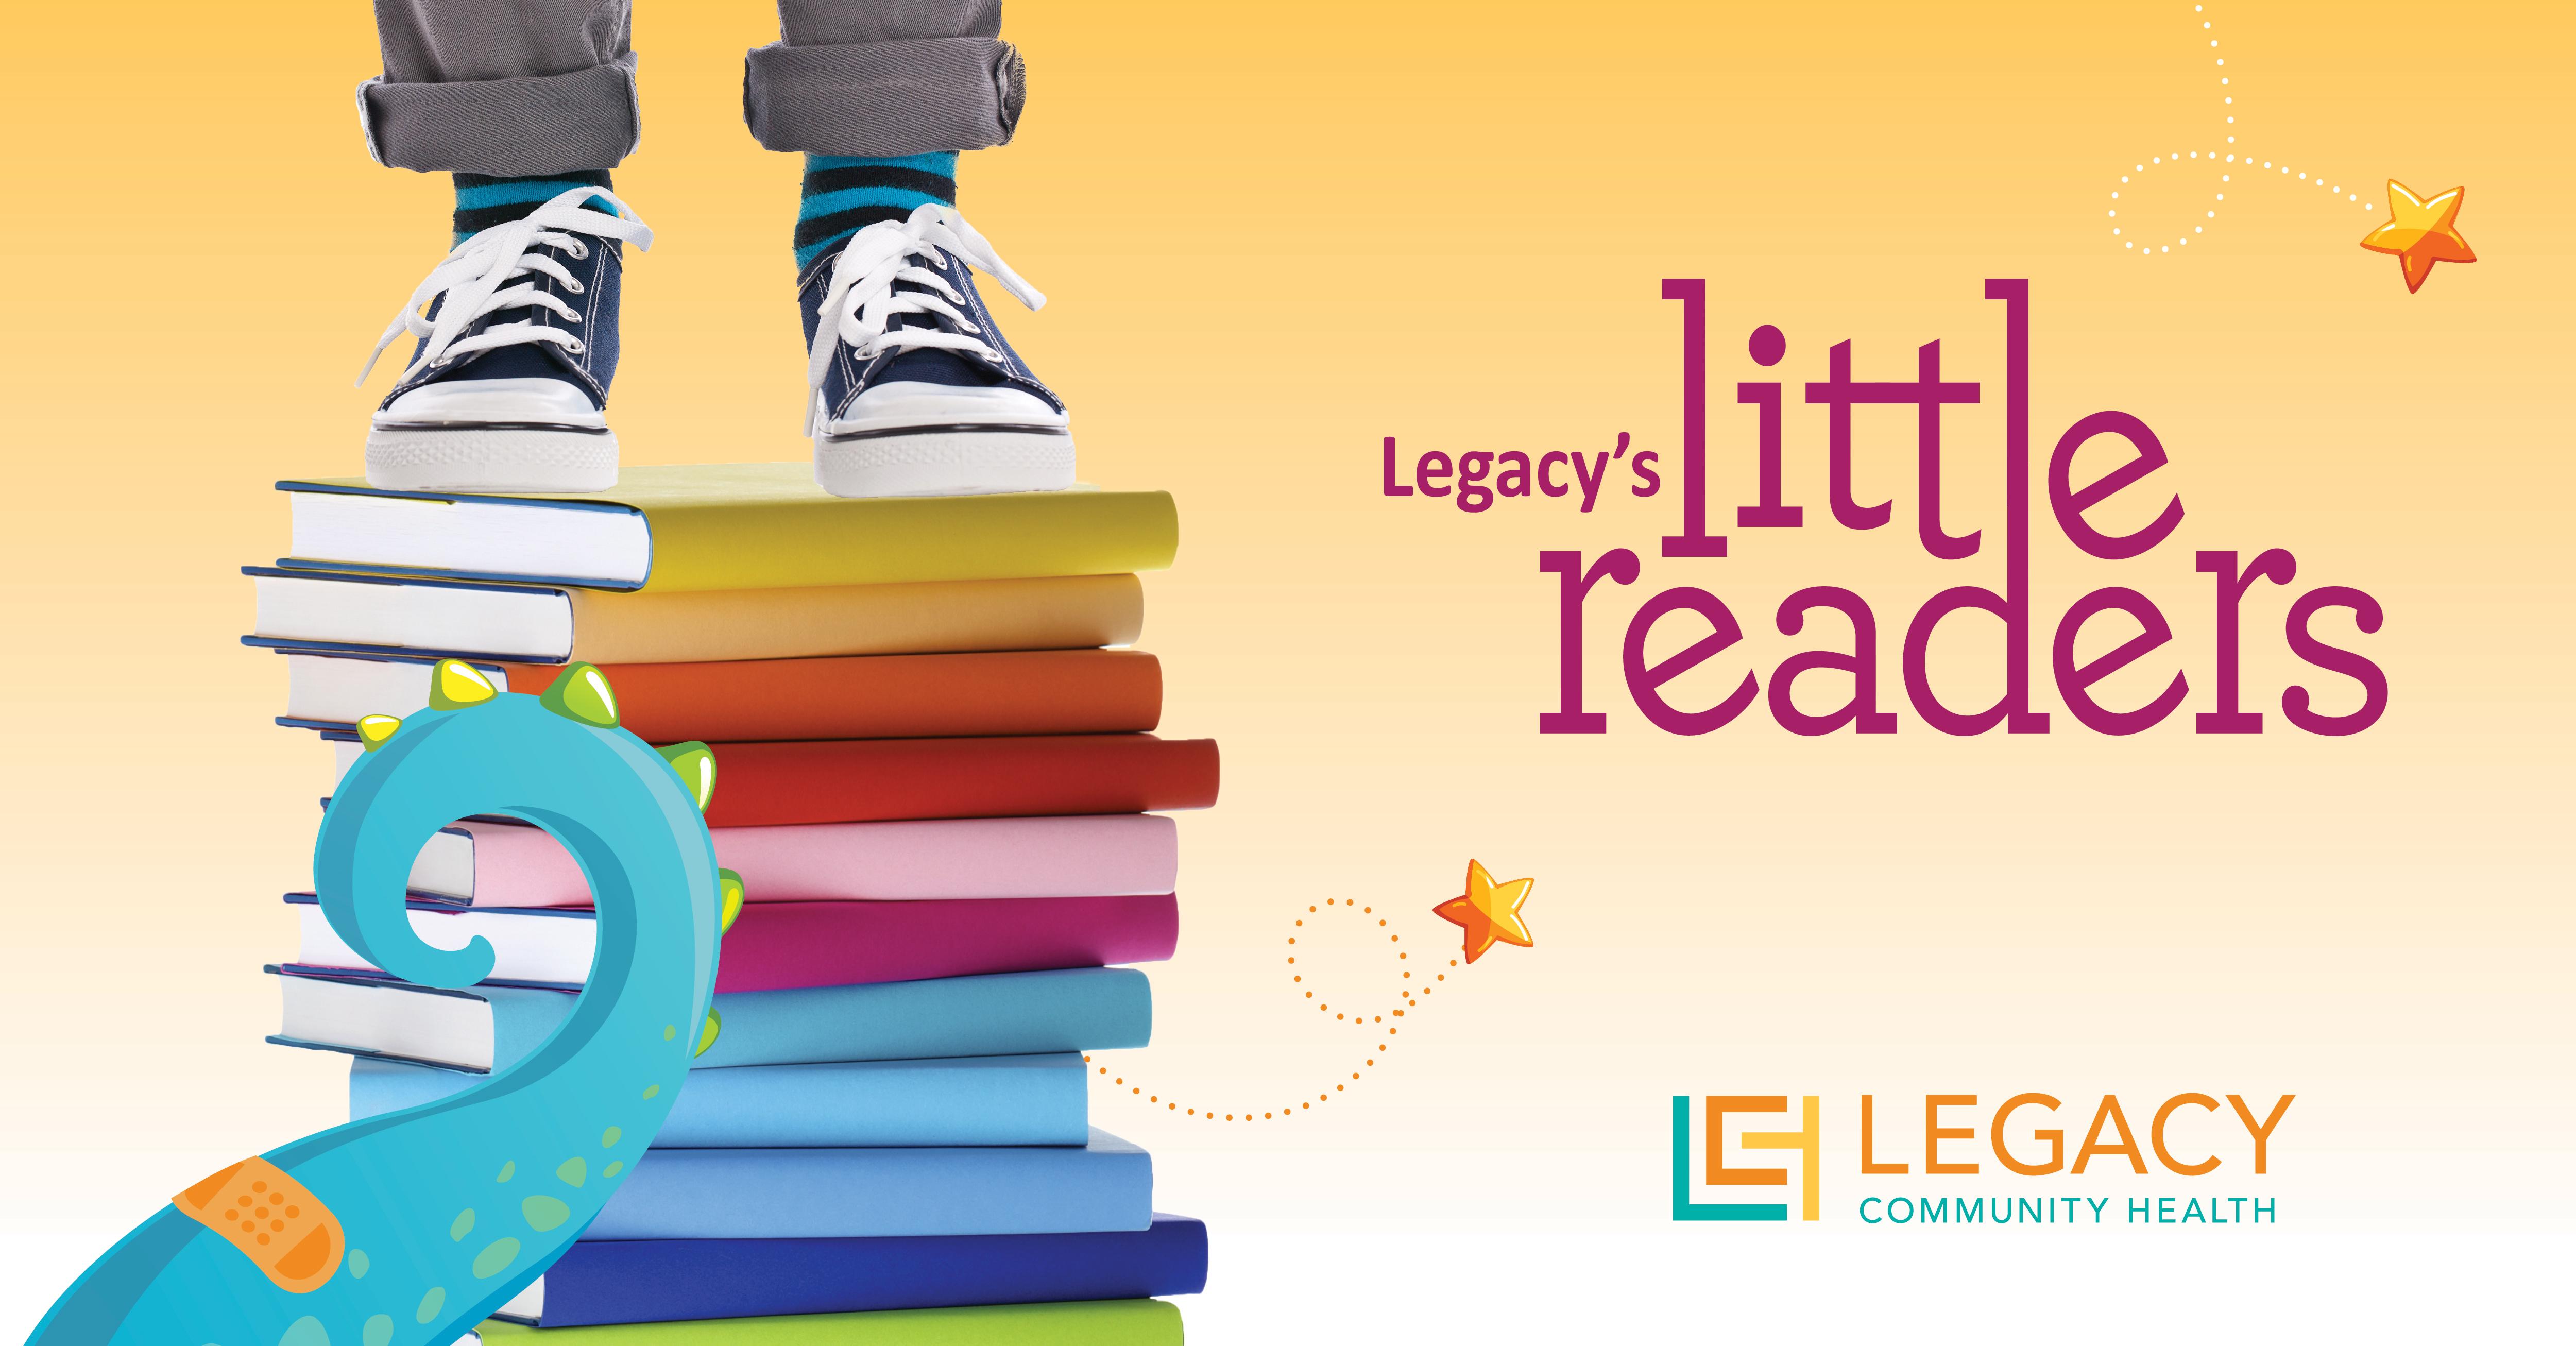 3_Little-Readers-1200-x-627.jpg